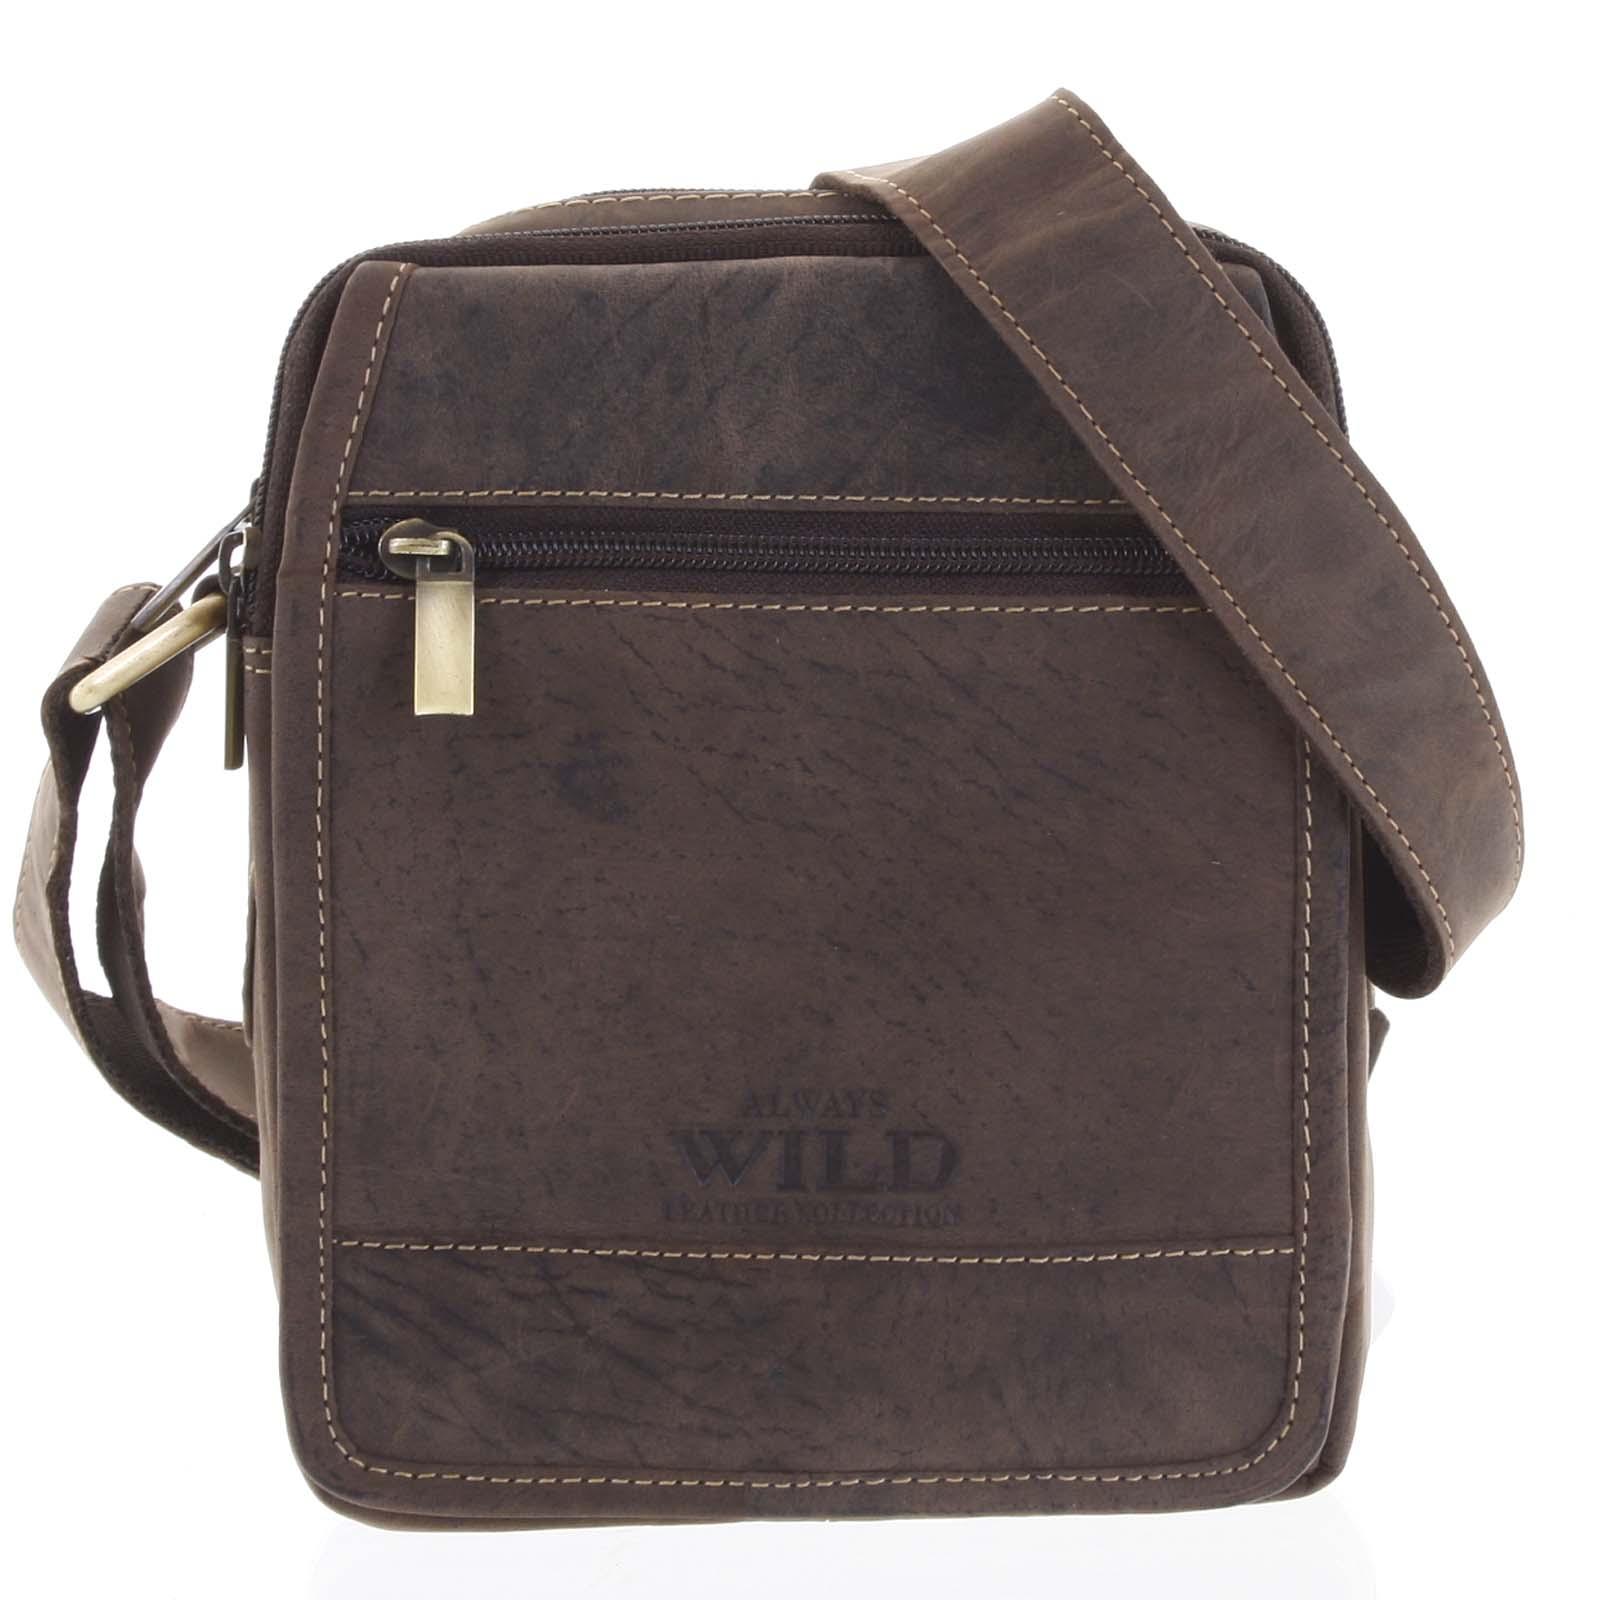 Pánska kožená taška na doklady tmavo hnedá - WILD Groove hnedá